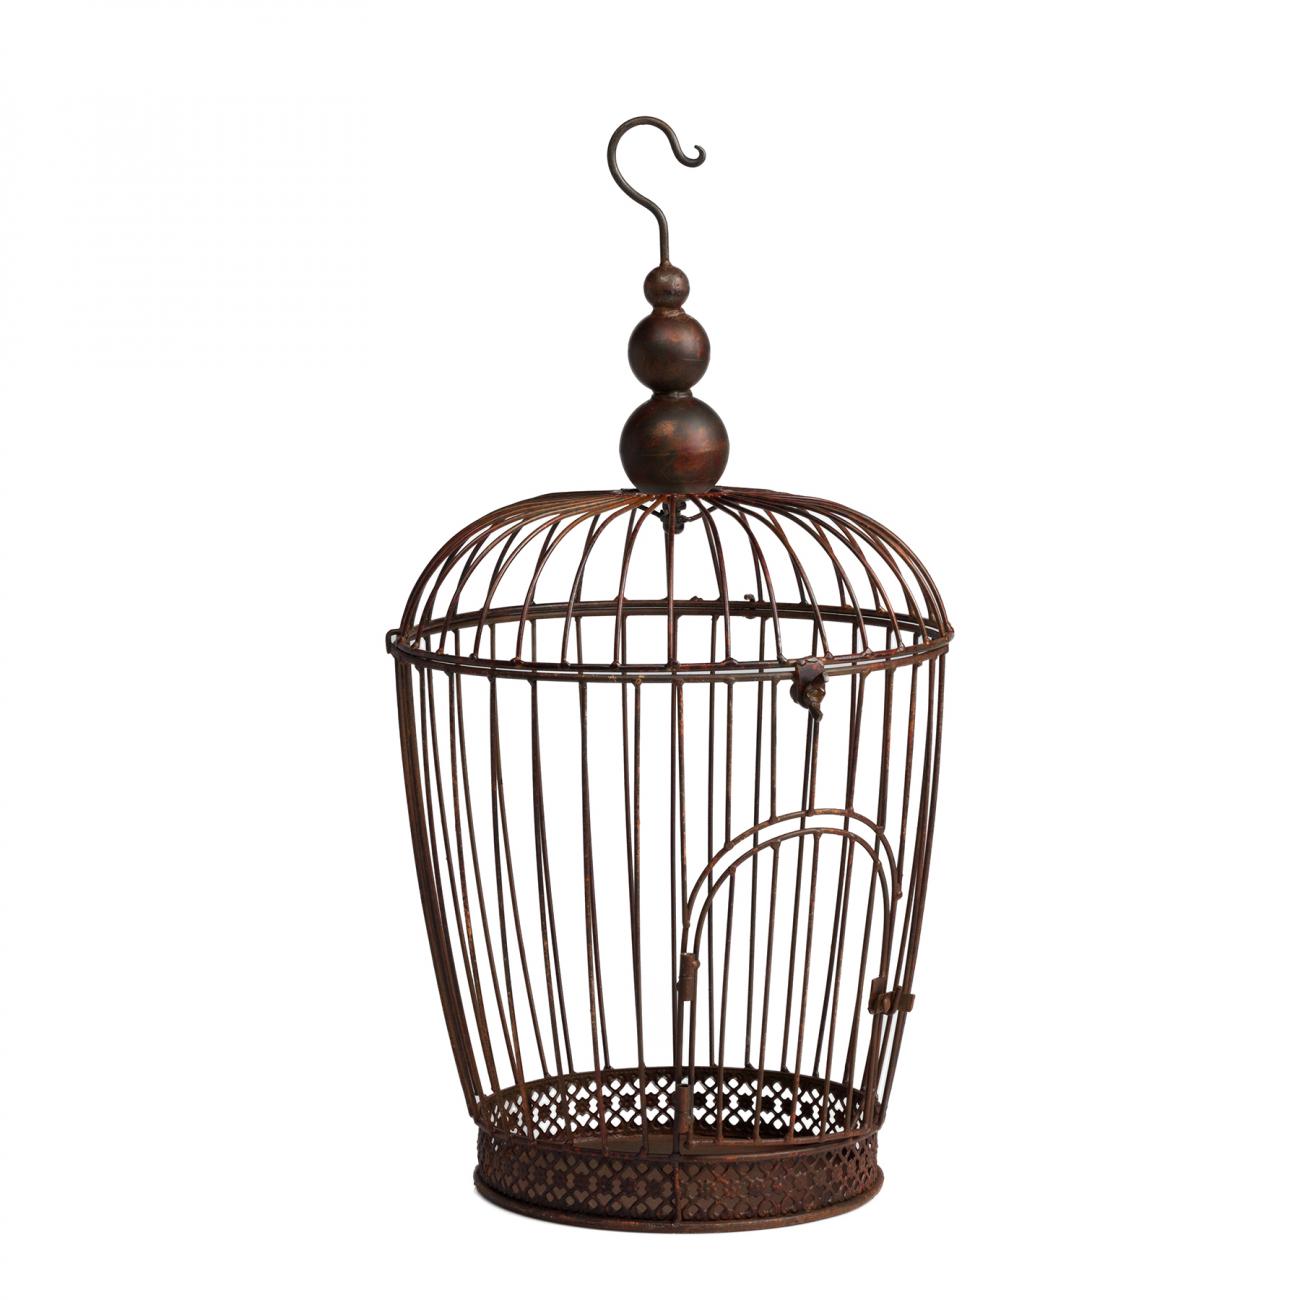 Купить Декоративная клетка Newbury Маленькая Коричневая в интернет магазине дизайнерской мебели и аксессуаров для дома и дачи